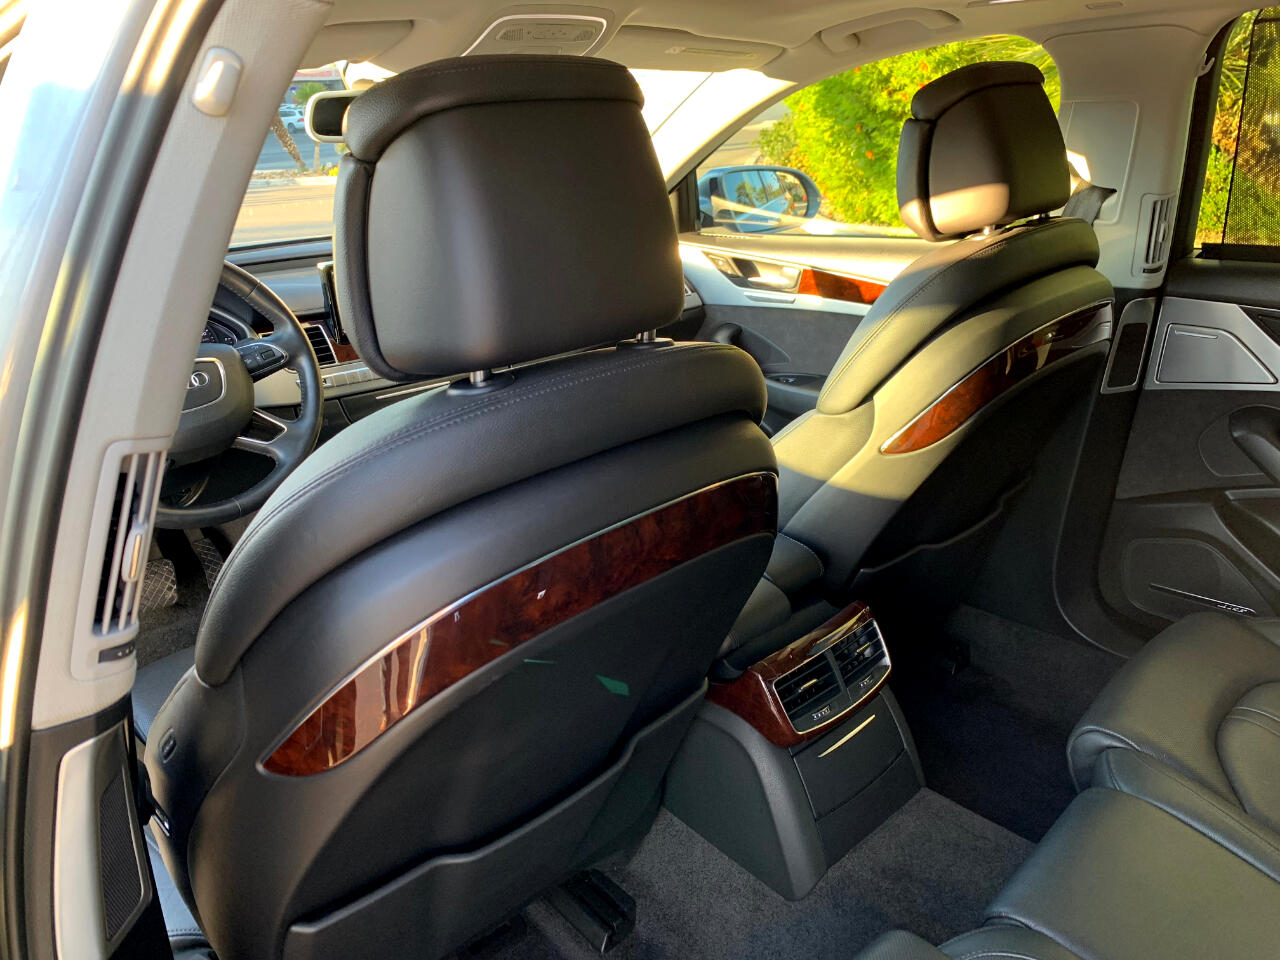 2012 Audi A8 4.2 Quattro